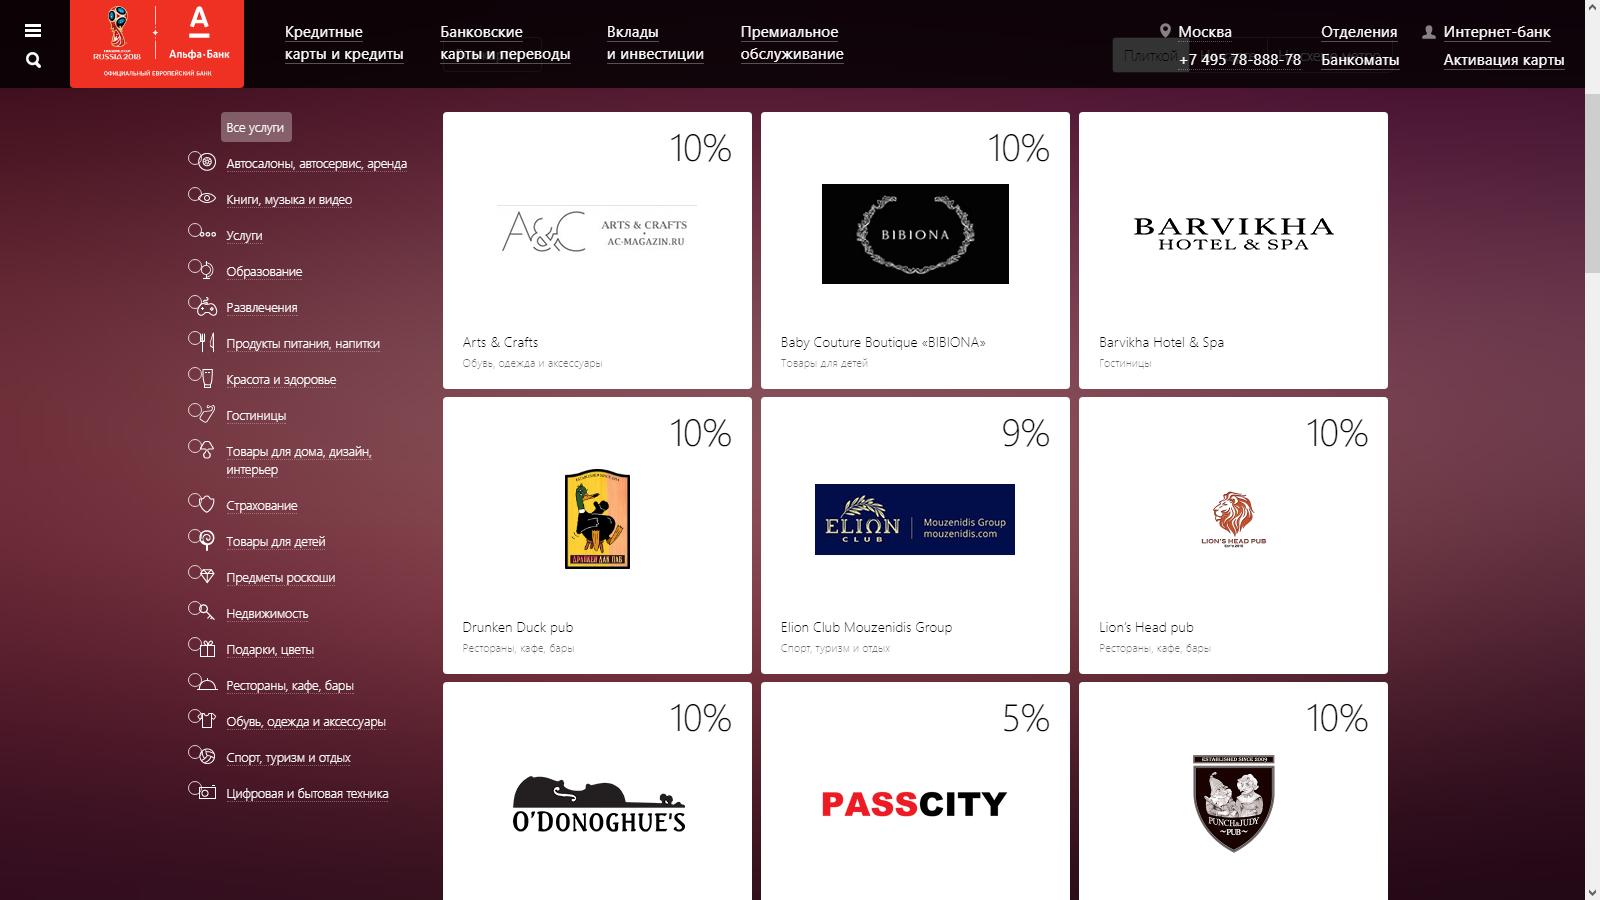 Список партнеров для скидок по кэшбэк карте Альфа банка